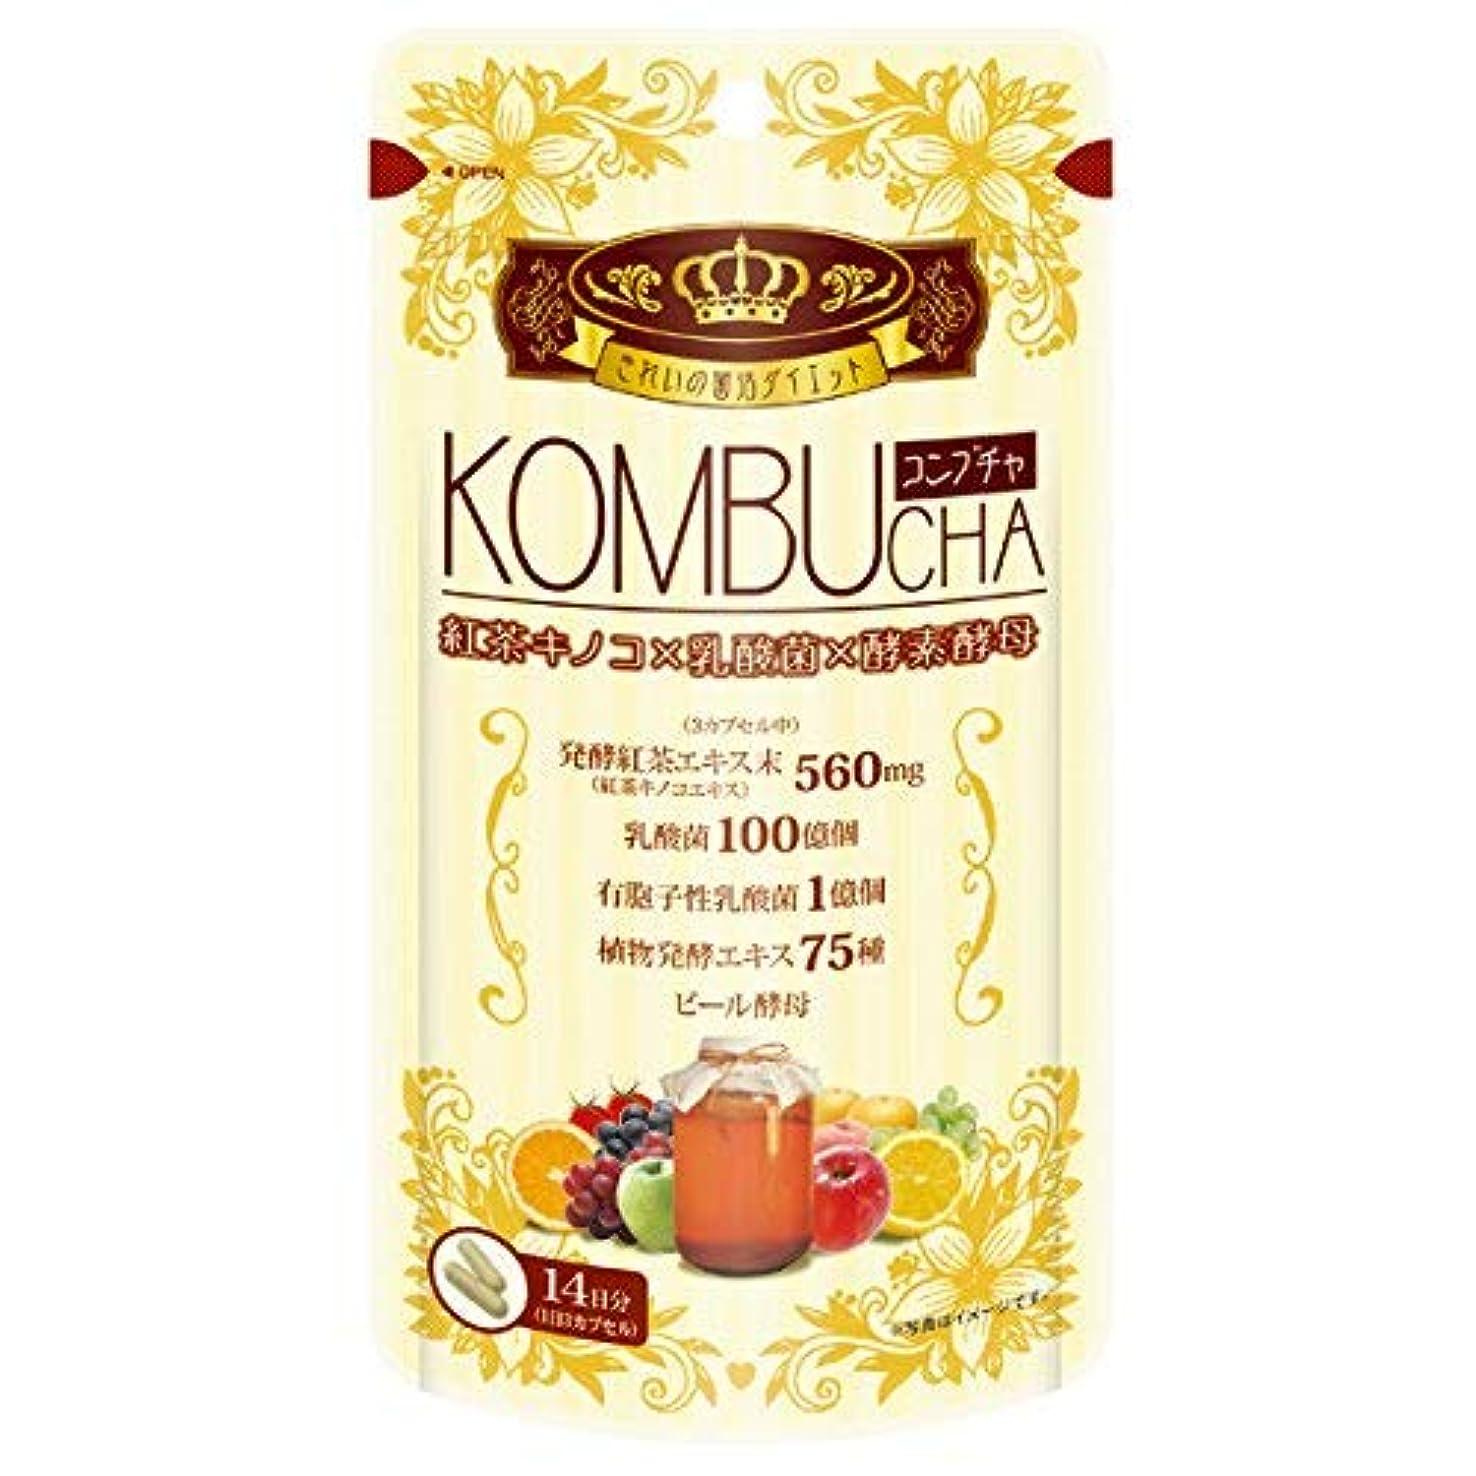 形カートリッジびんユーワ YUWA KOMBUCHA 42粒 コンブチャ(腸活 菌活) 2個セット